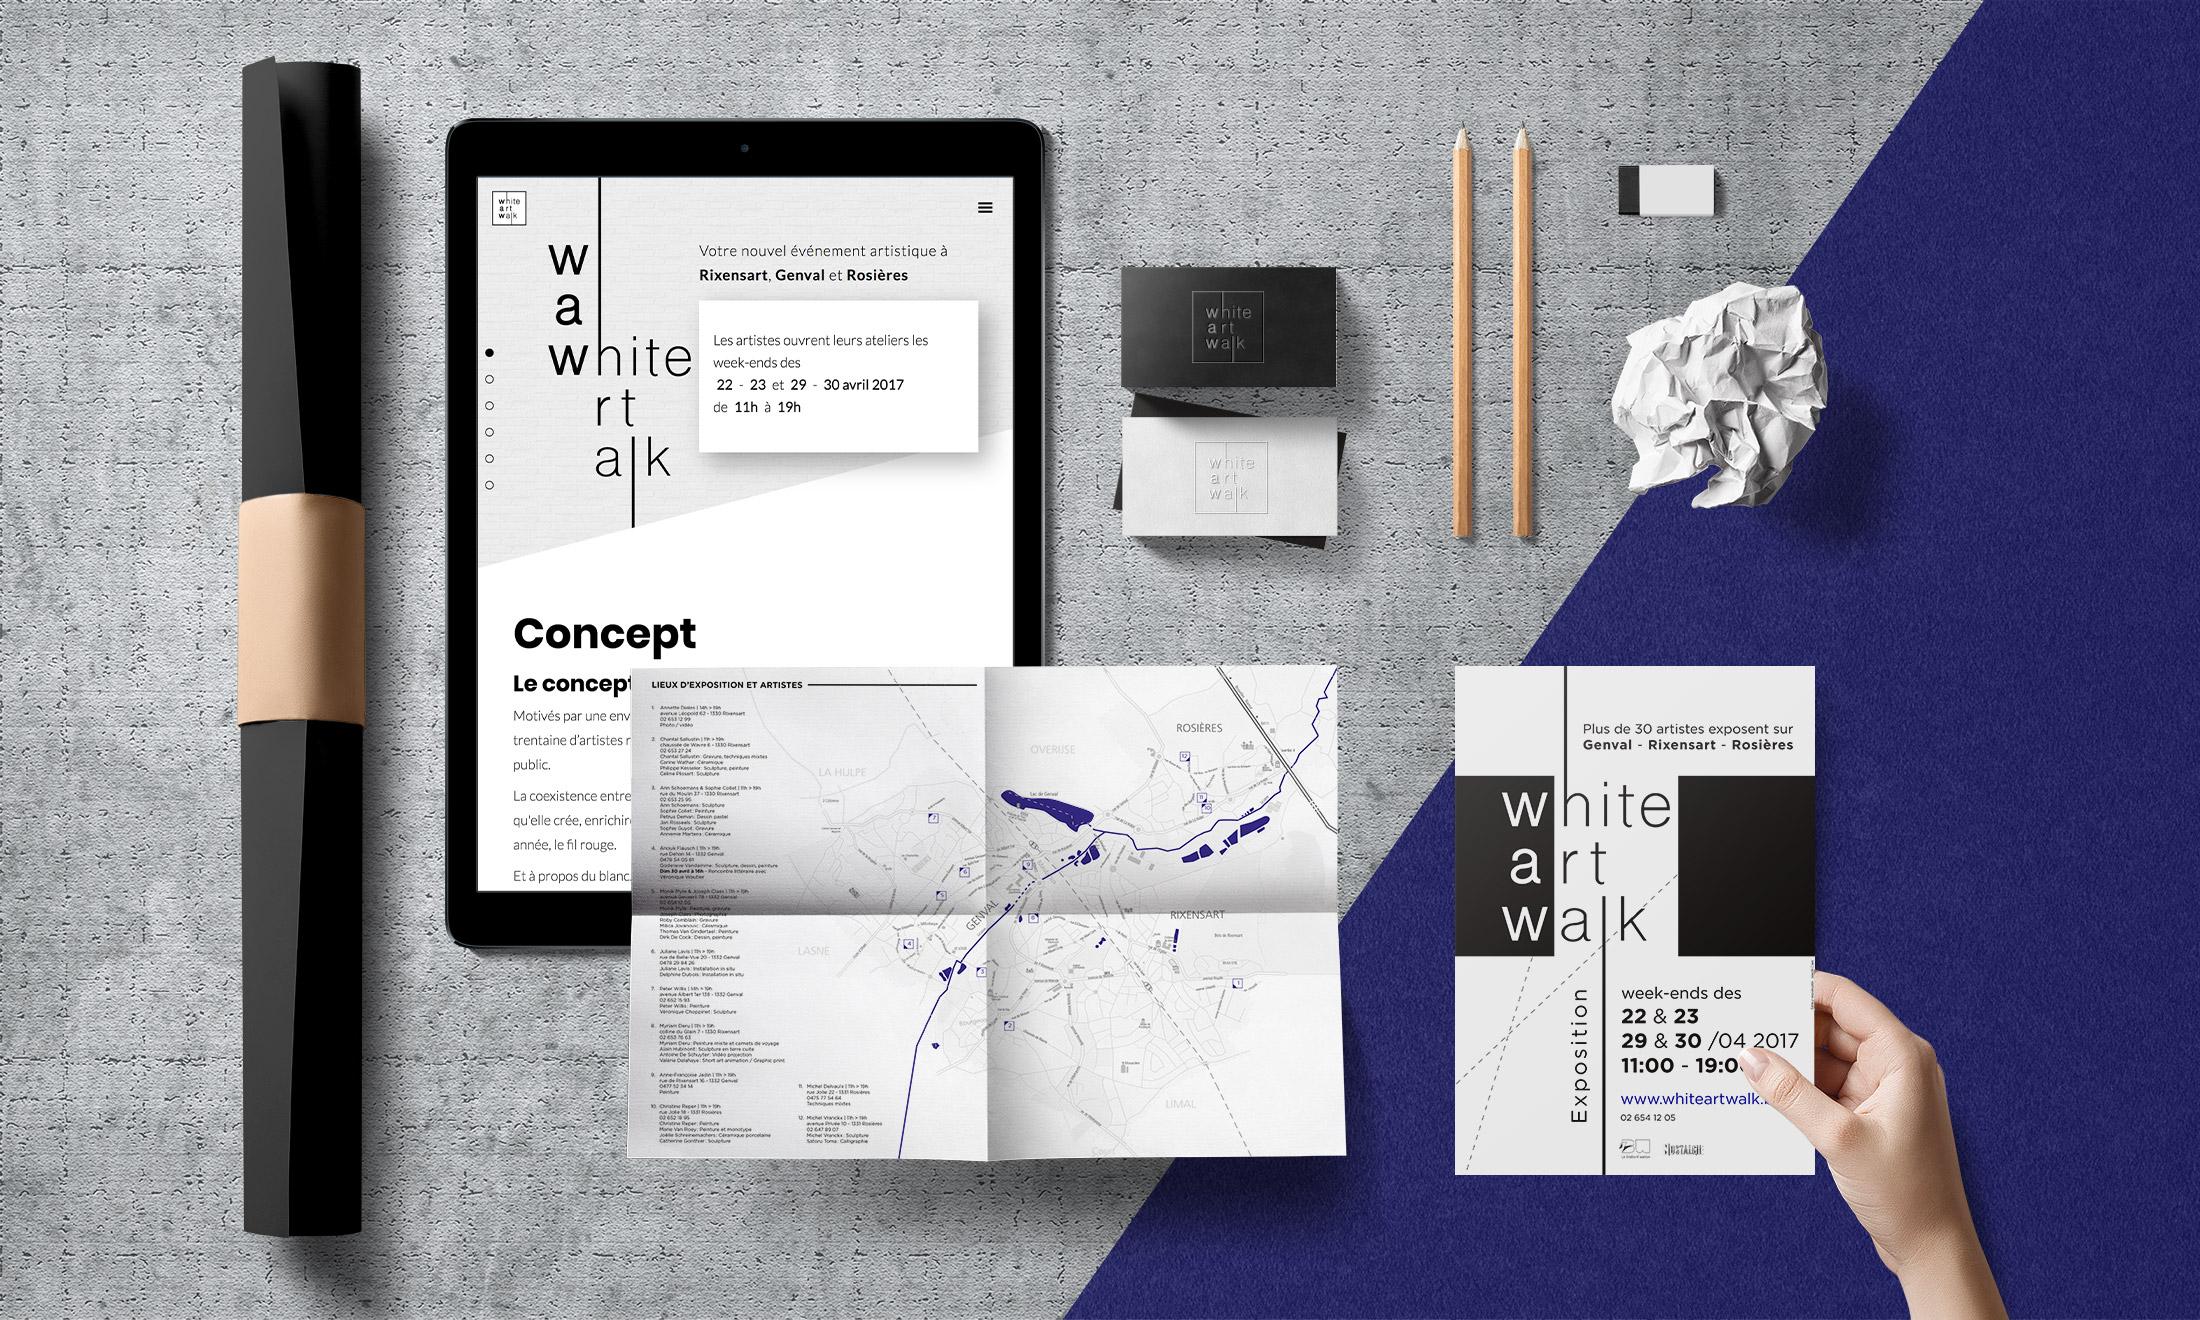 WAW - White art walk – Création de l'identité graphique de l'événement et réalisation du site Webflow – Parcours d'artiste de Rixensart